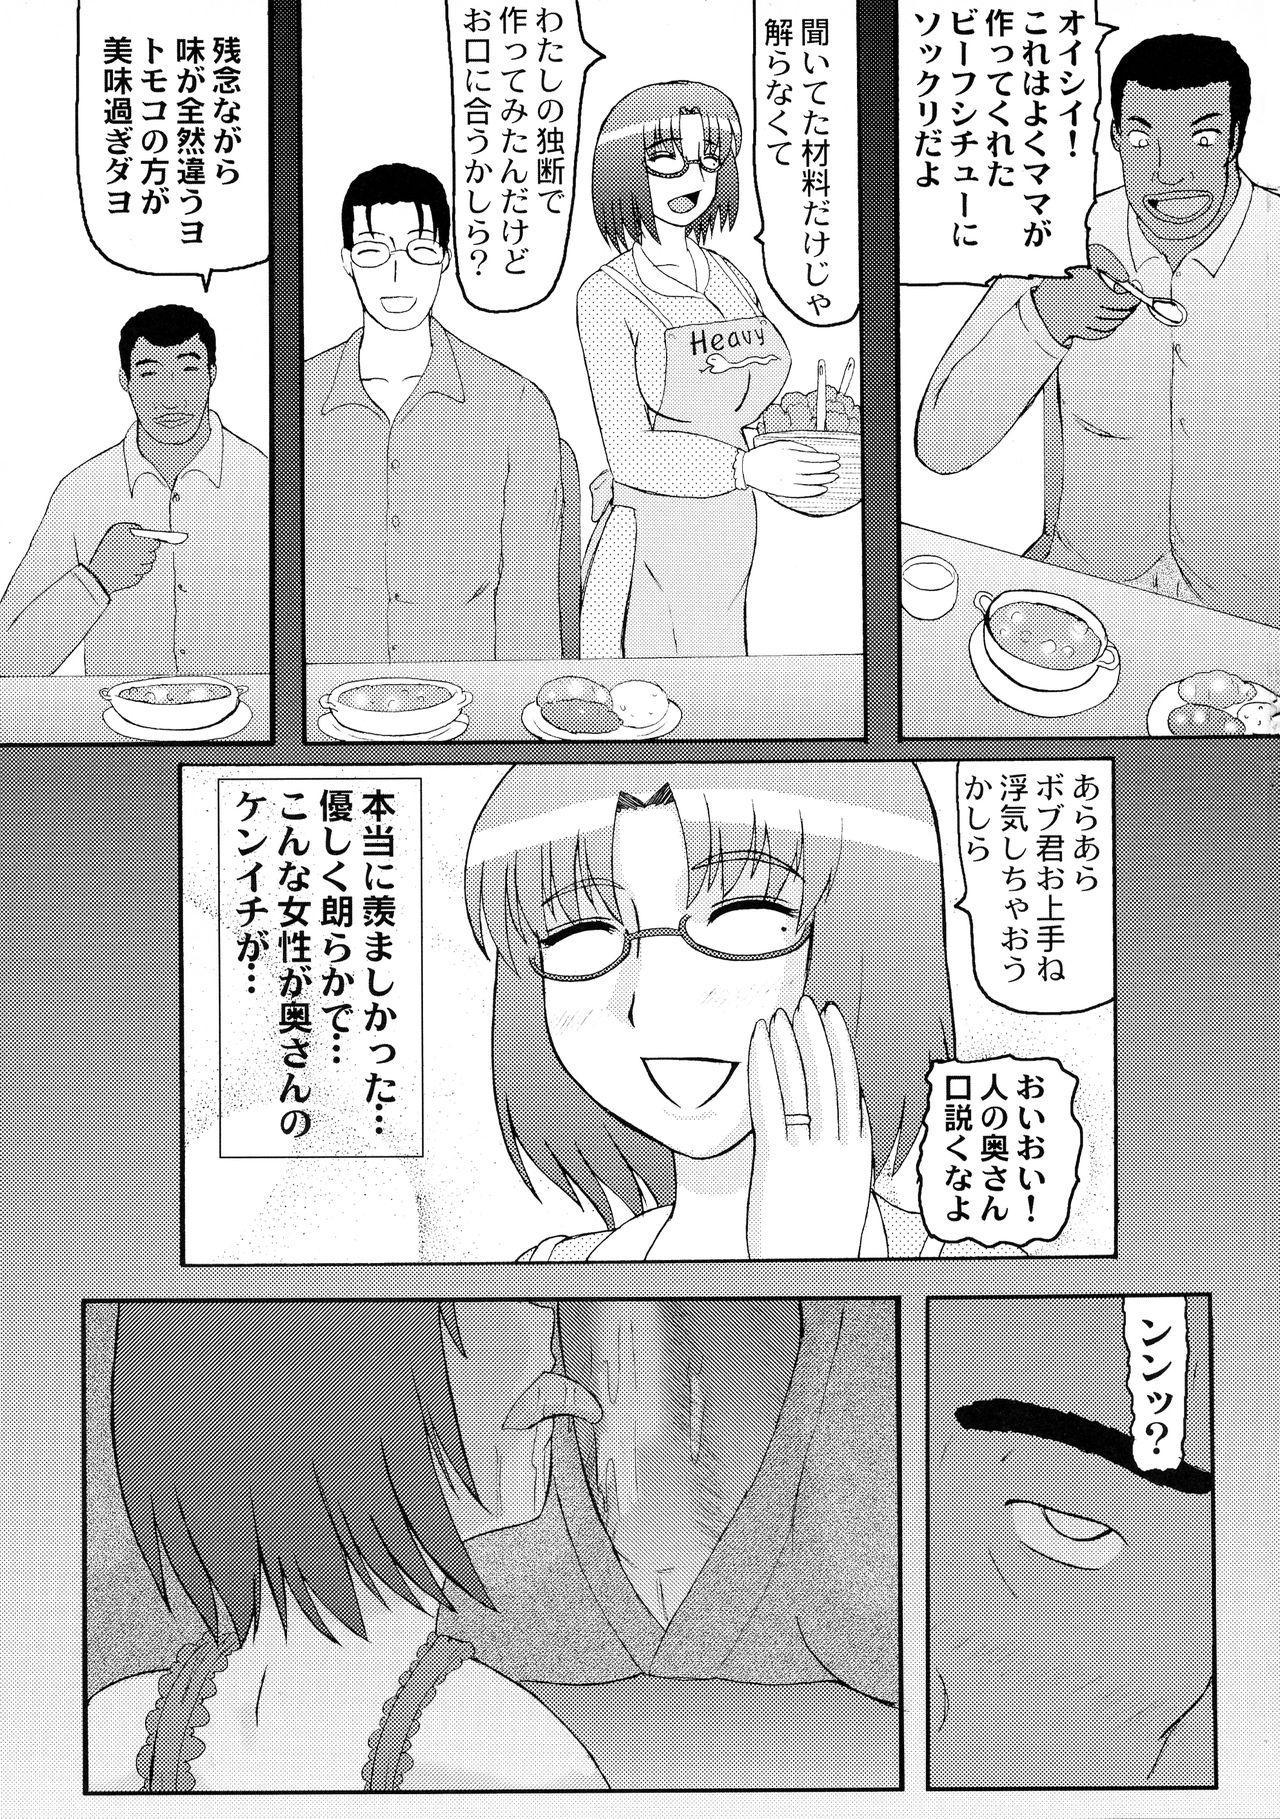 Daraku Ninpu Tsuma 3 6